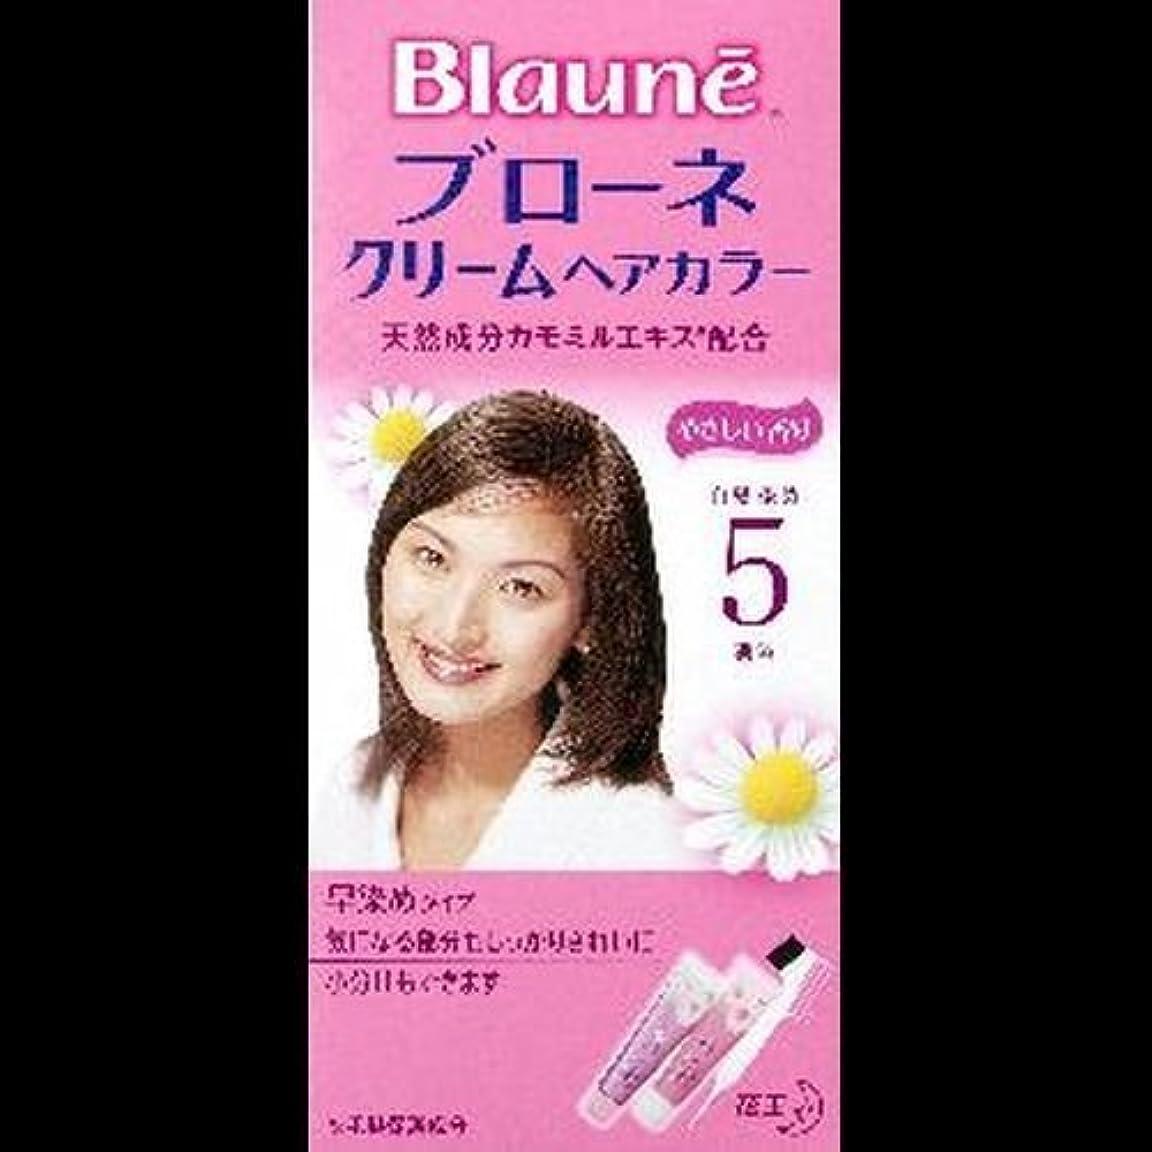 ペン許容蘇生する【まとめ買い】ブローネクリームヘアカラー 5 栗色 ×2セット